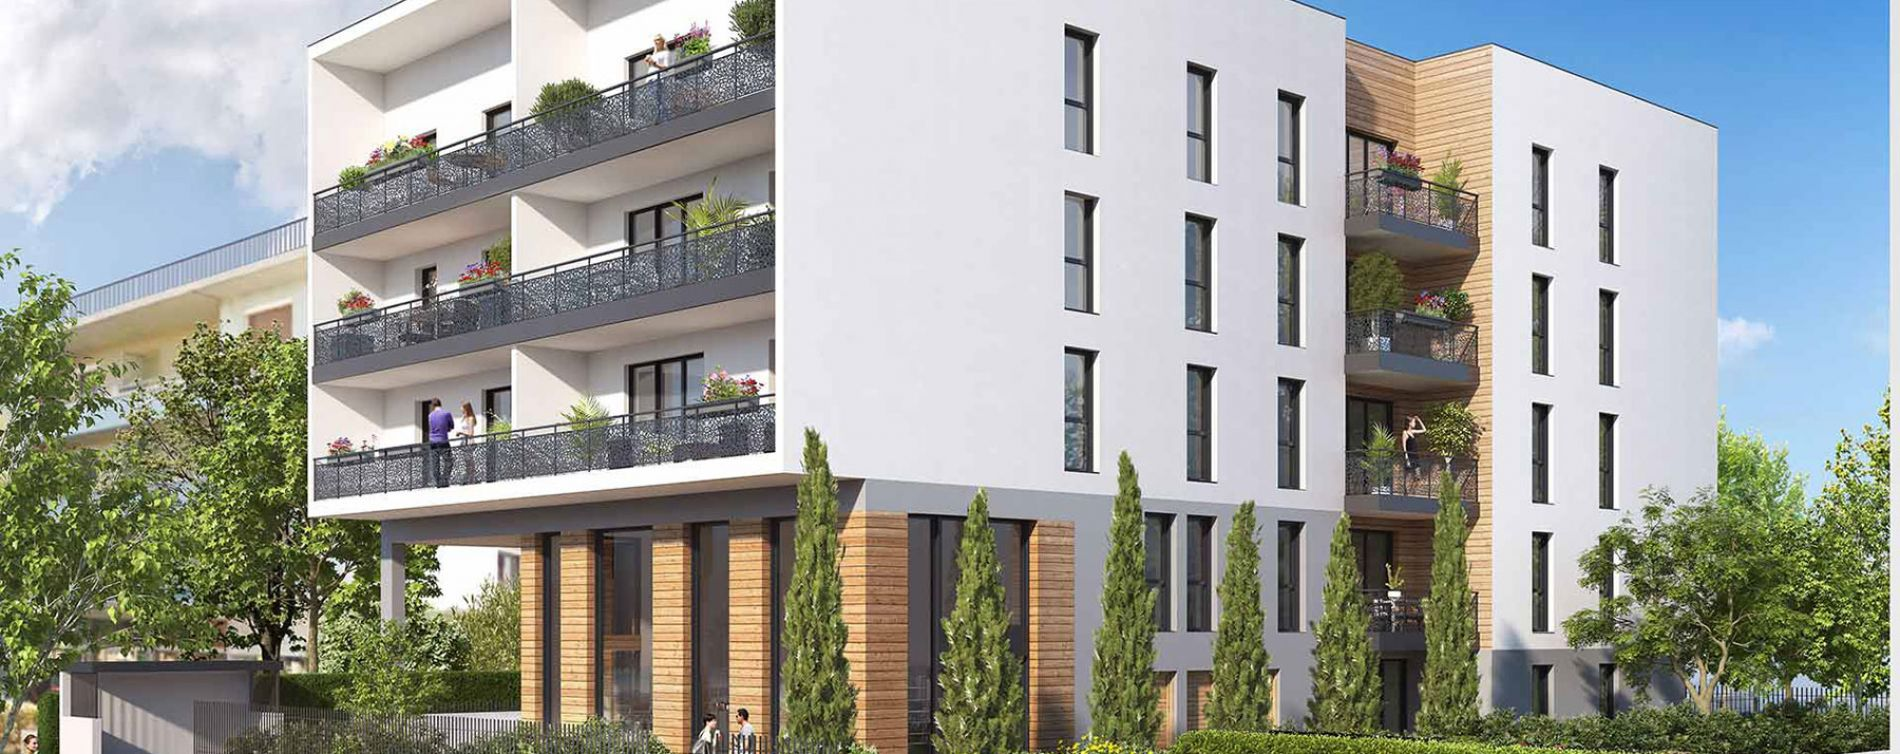 Résidence Sens'City à Thonon-les-Bains